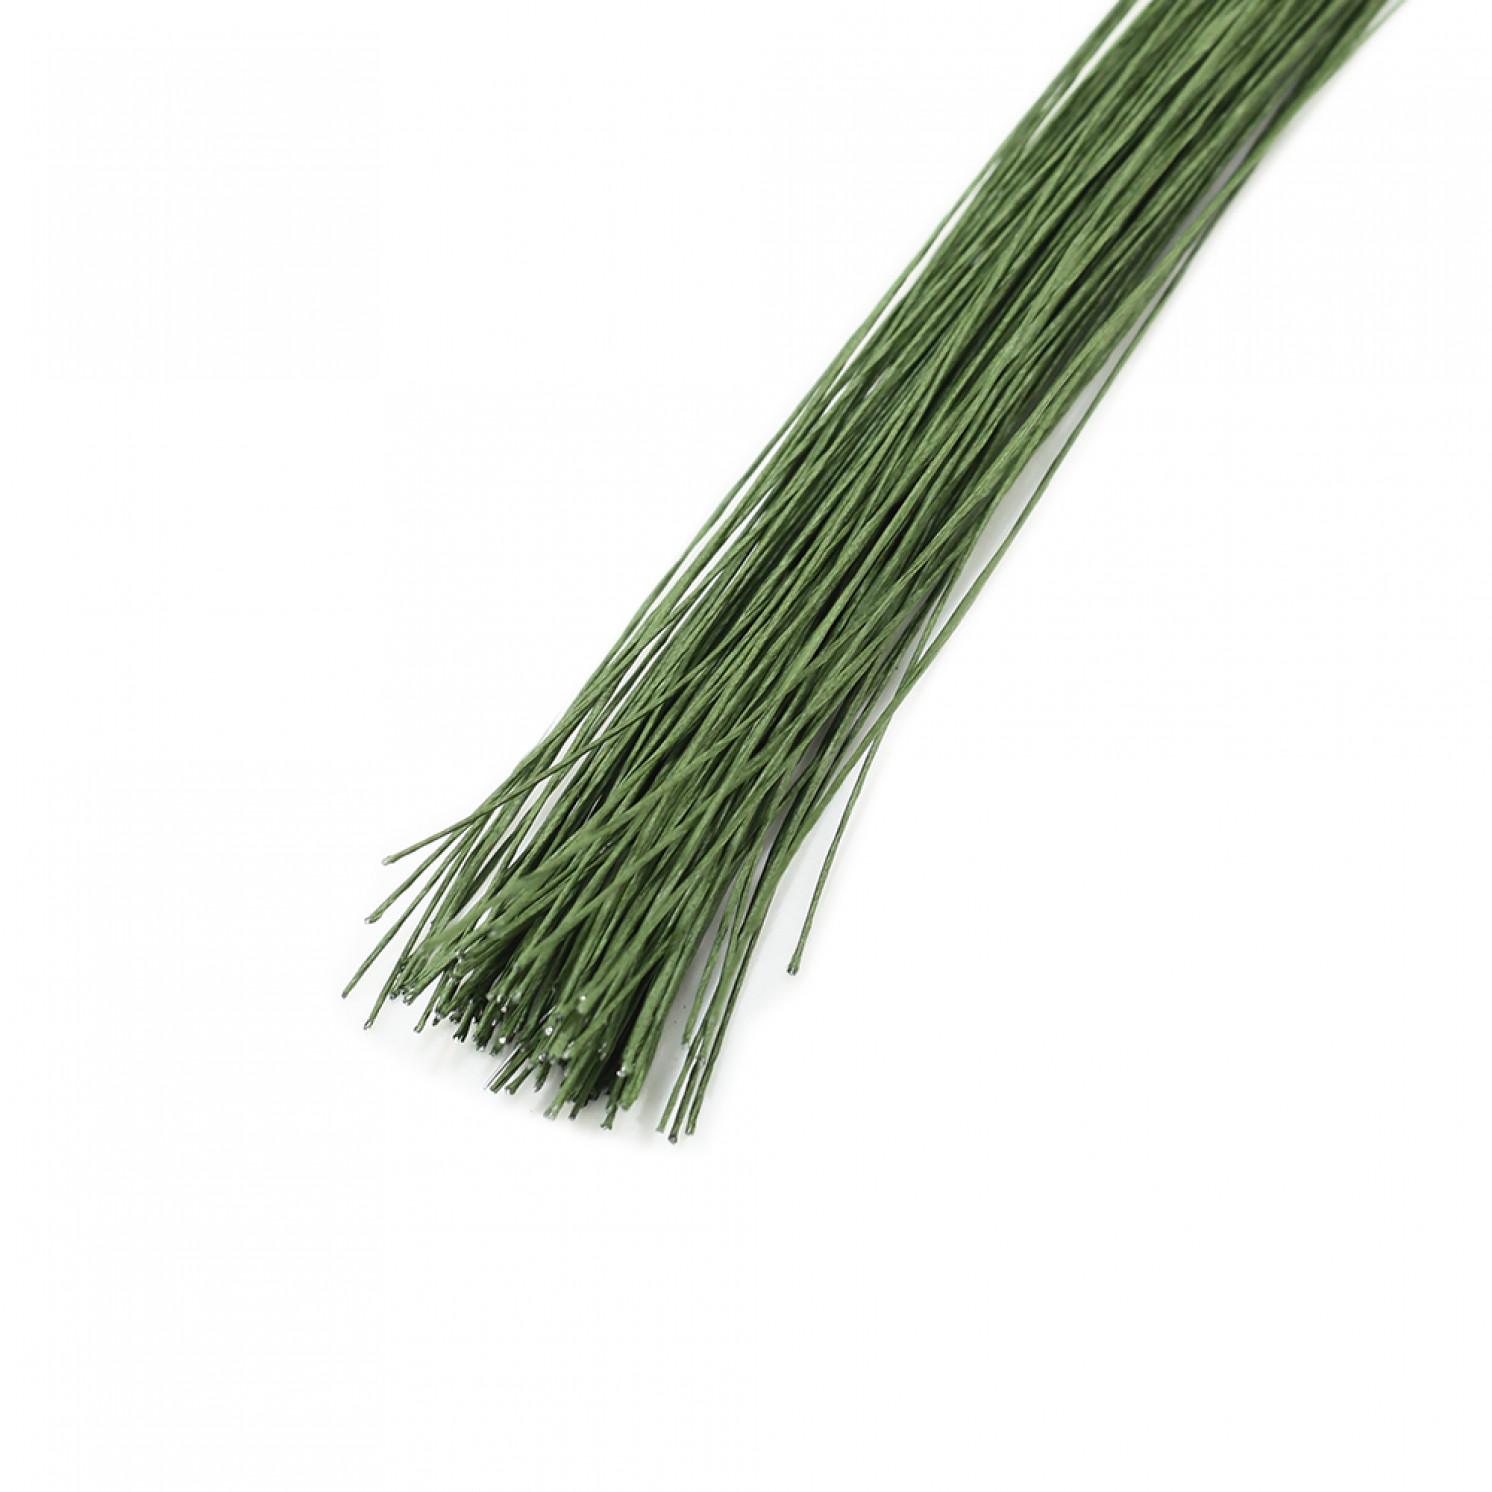 Проволока в бумажной обмотке пучок 100 шт, 36 см D=0,45мм ;№ 26 Тёмно-зеленая